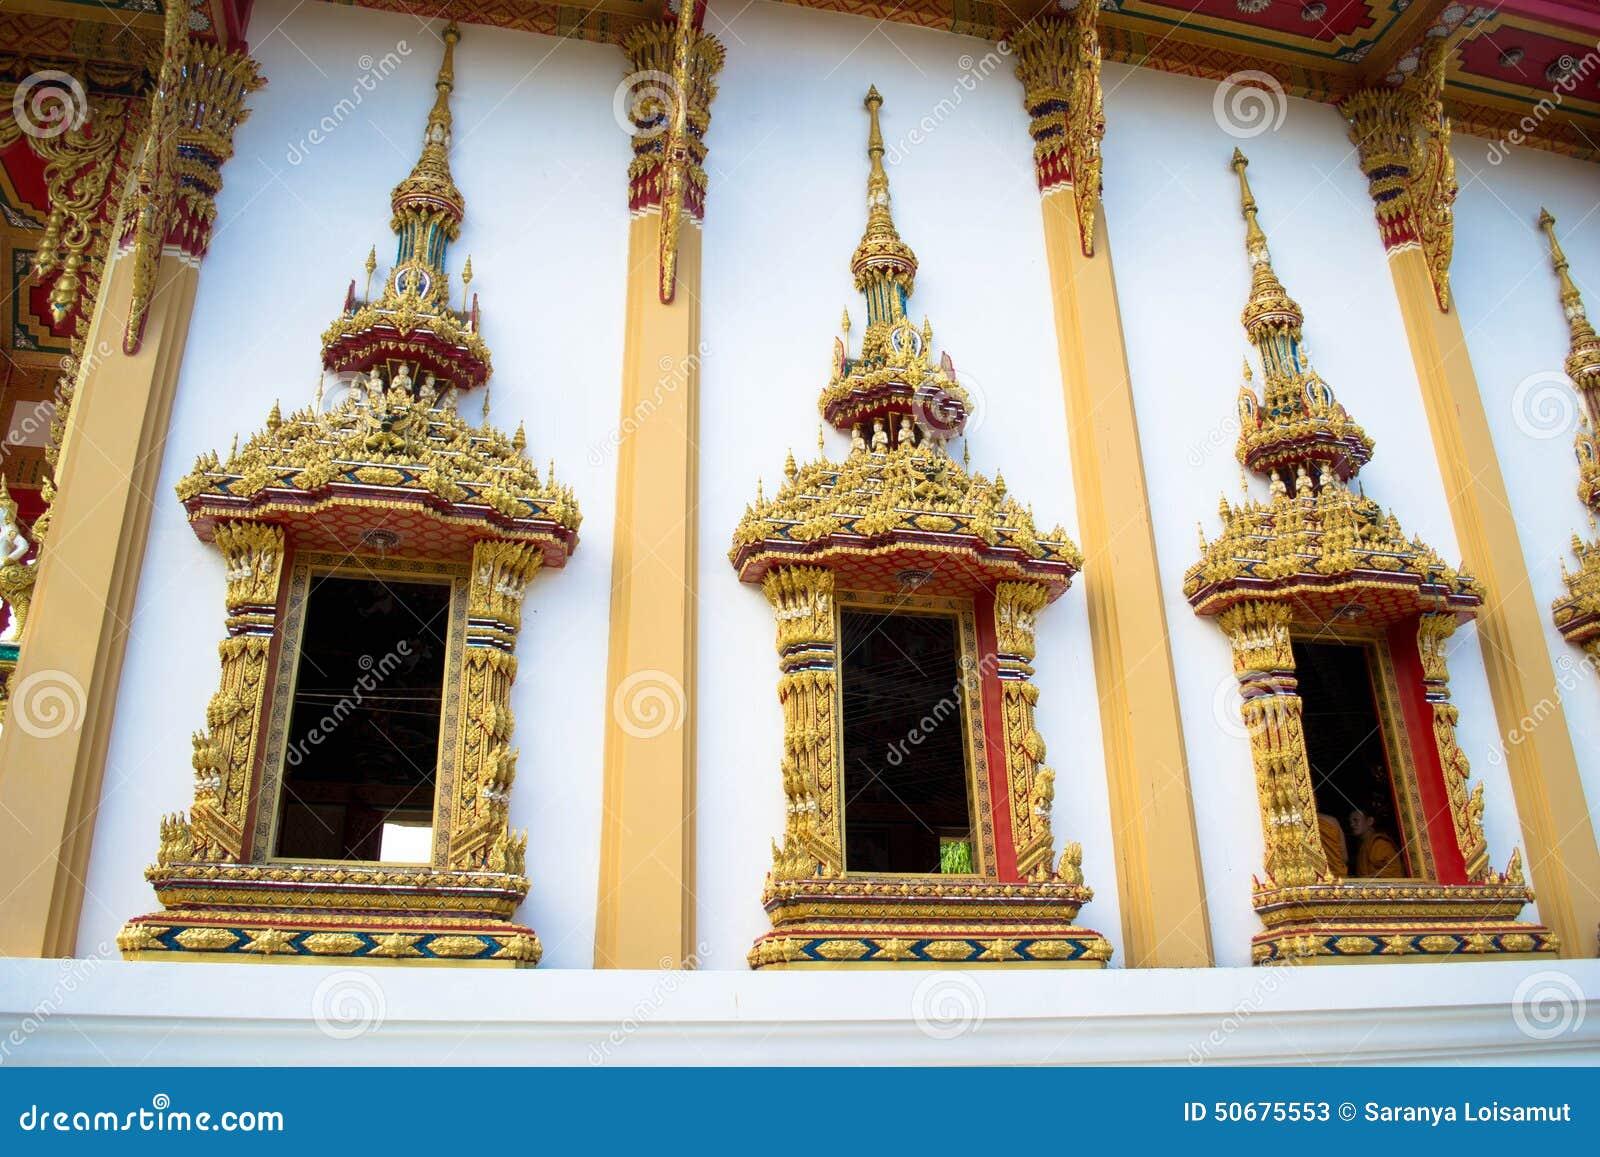 Download 寺庙泰国视窗 库存图片. 图片 包括有 有历史, 豪华, 商业, 发芽, 聚会所, 全部, 著名, 大理石 - 50675553